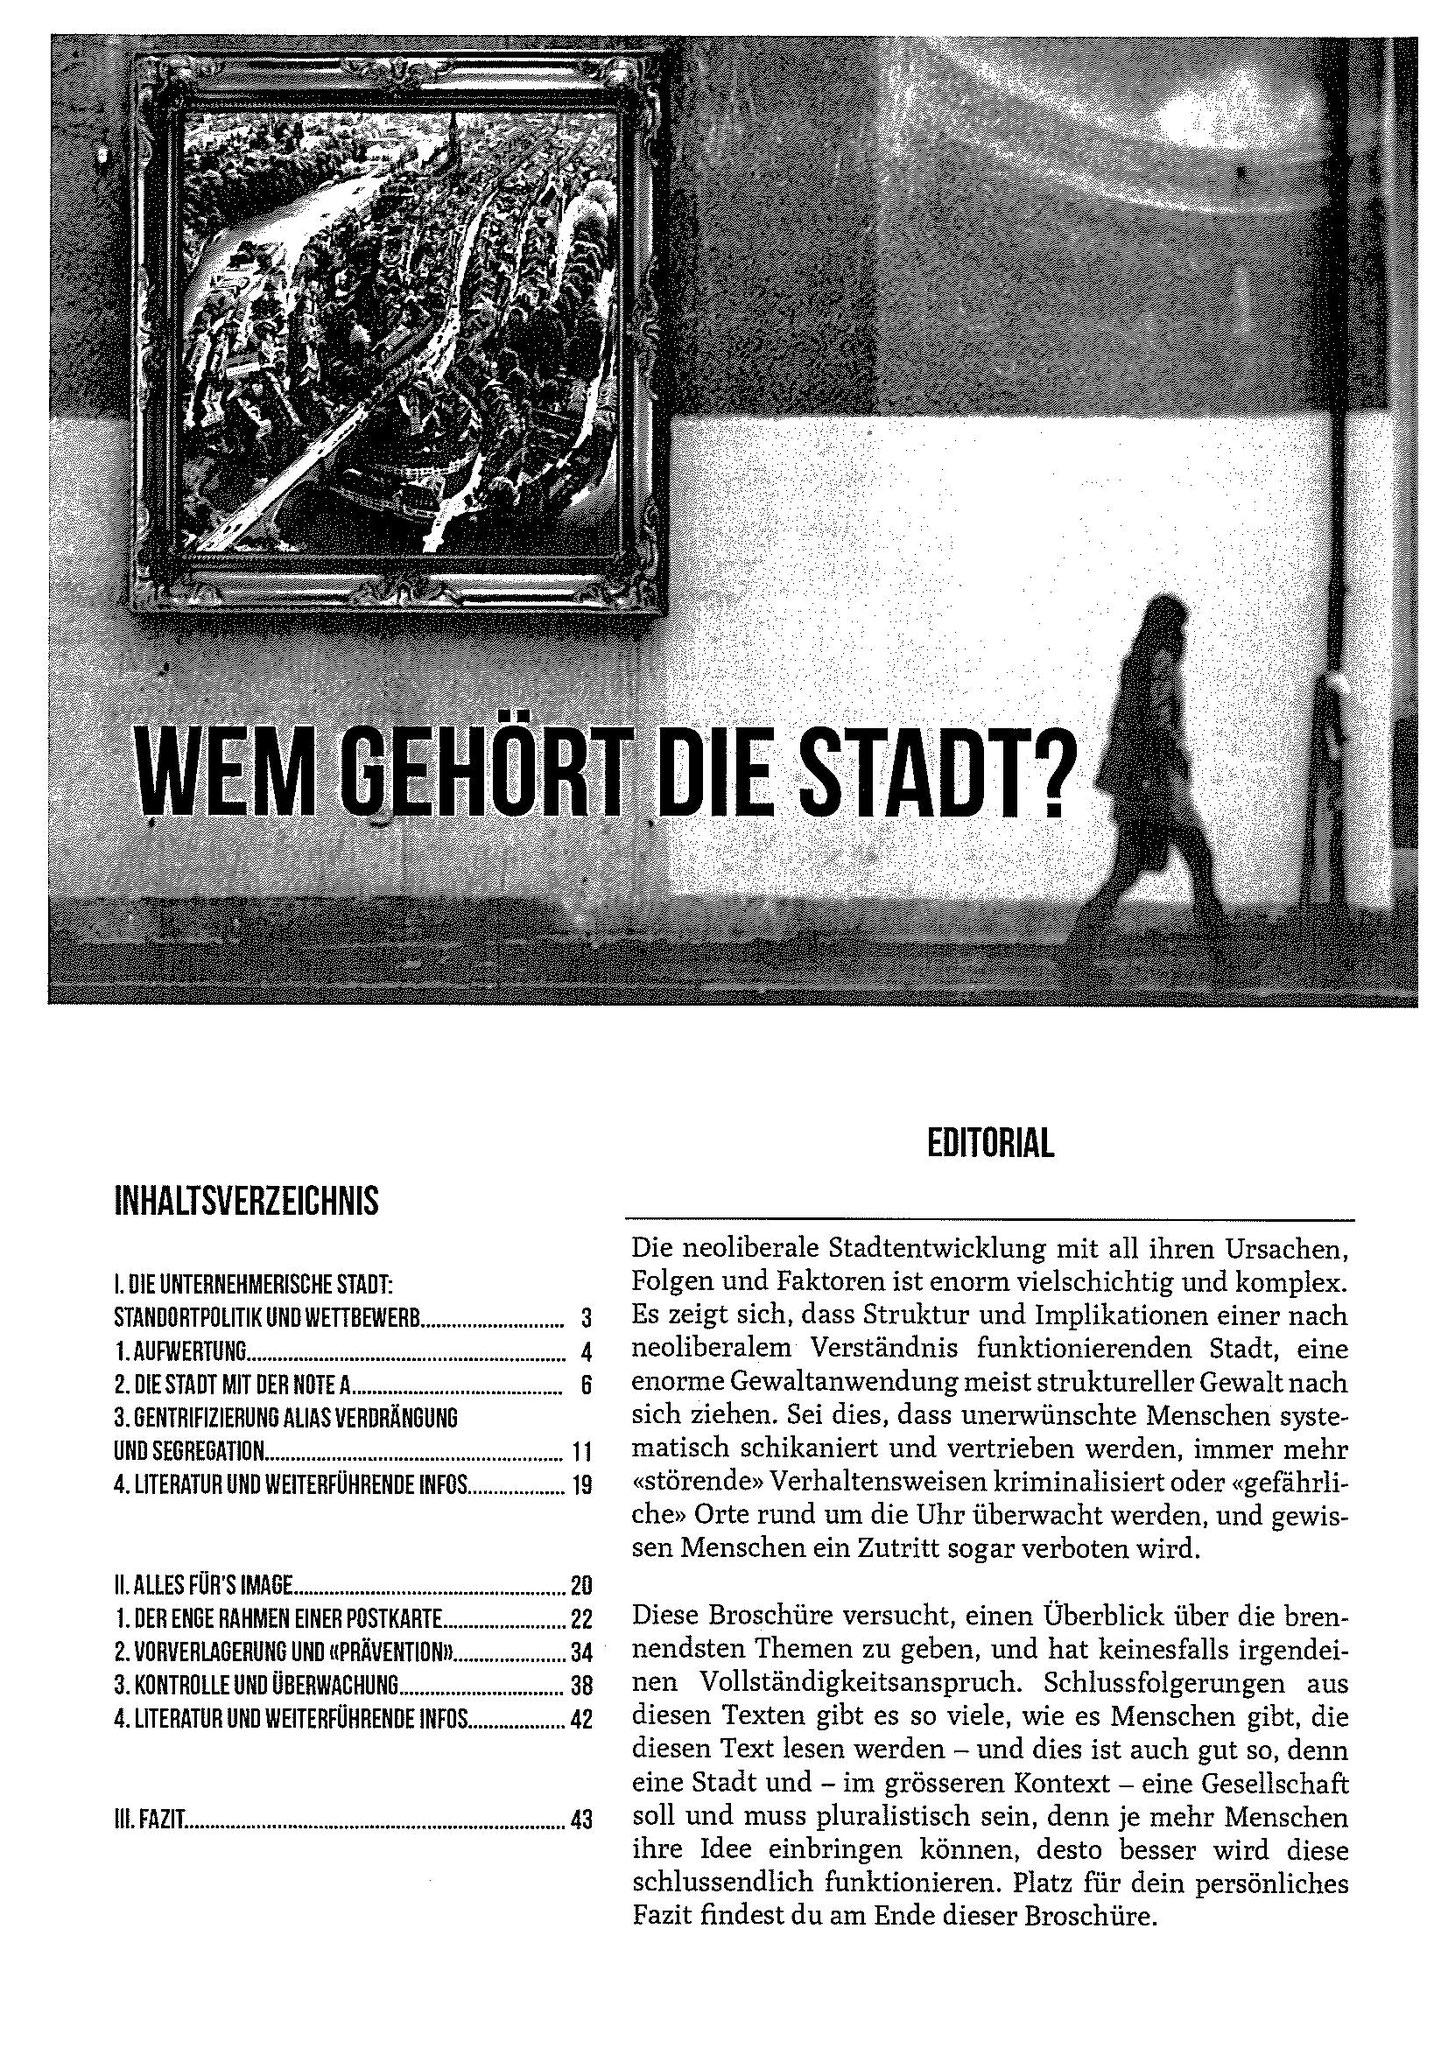 """2014: Tanz dich frei: Wir nehmen an der Expert*innenrunde der Stadt Bern zum Thema """"Rückblick und Erkenntnisse aus jugendpolitischer, jugendkultureller und soziologischer Sicht"""" teil"""